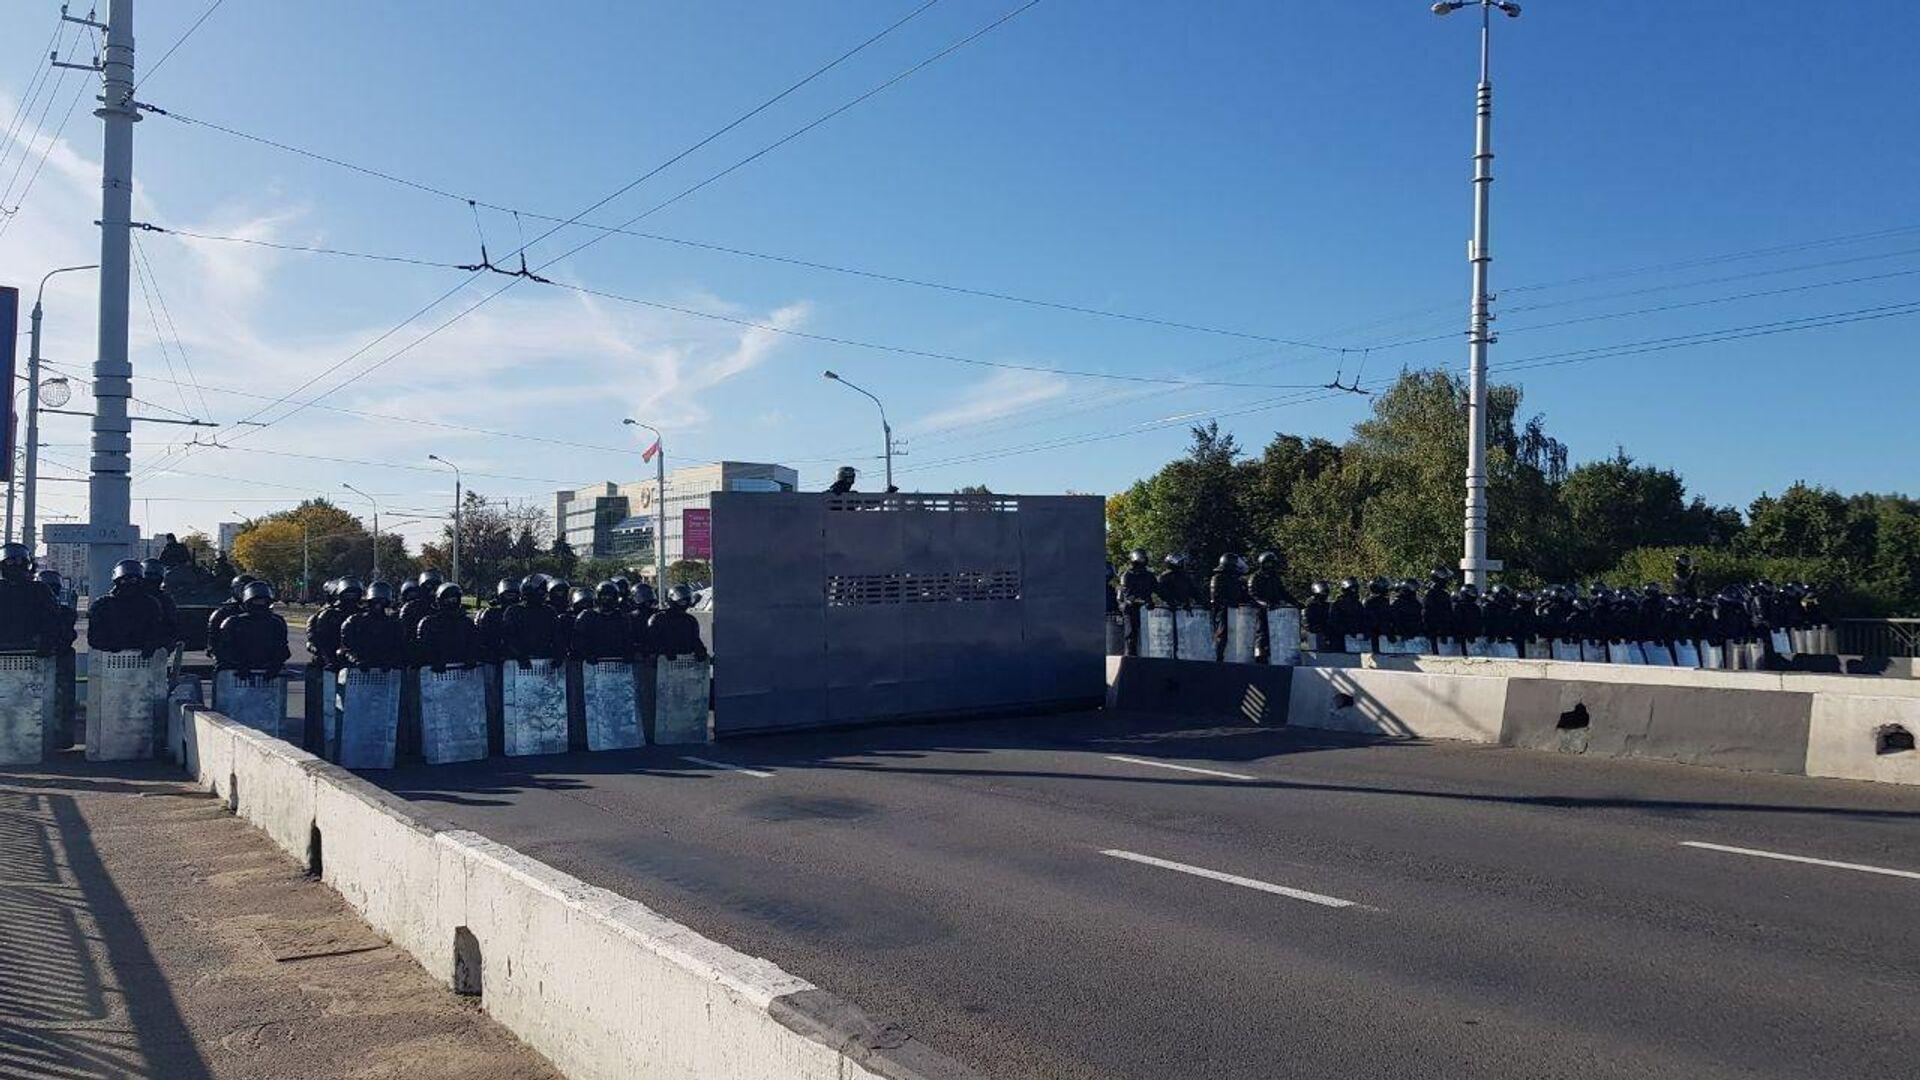 Оцепление ОМОН выставили на мосту на Орловской улице, перекрыв проход к Верховному суду и Дворцу президента в Минске - РИА Новости, 1920, 20.09.2020